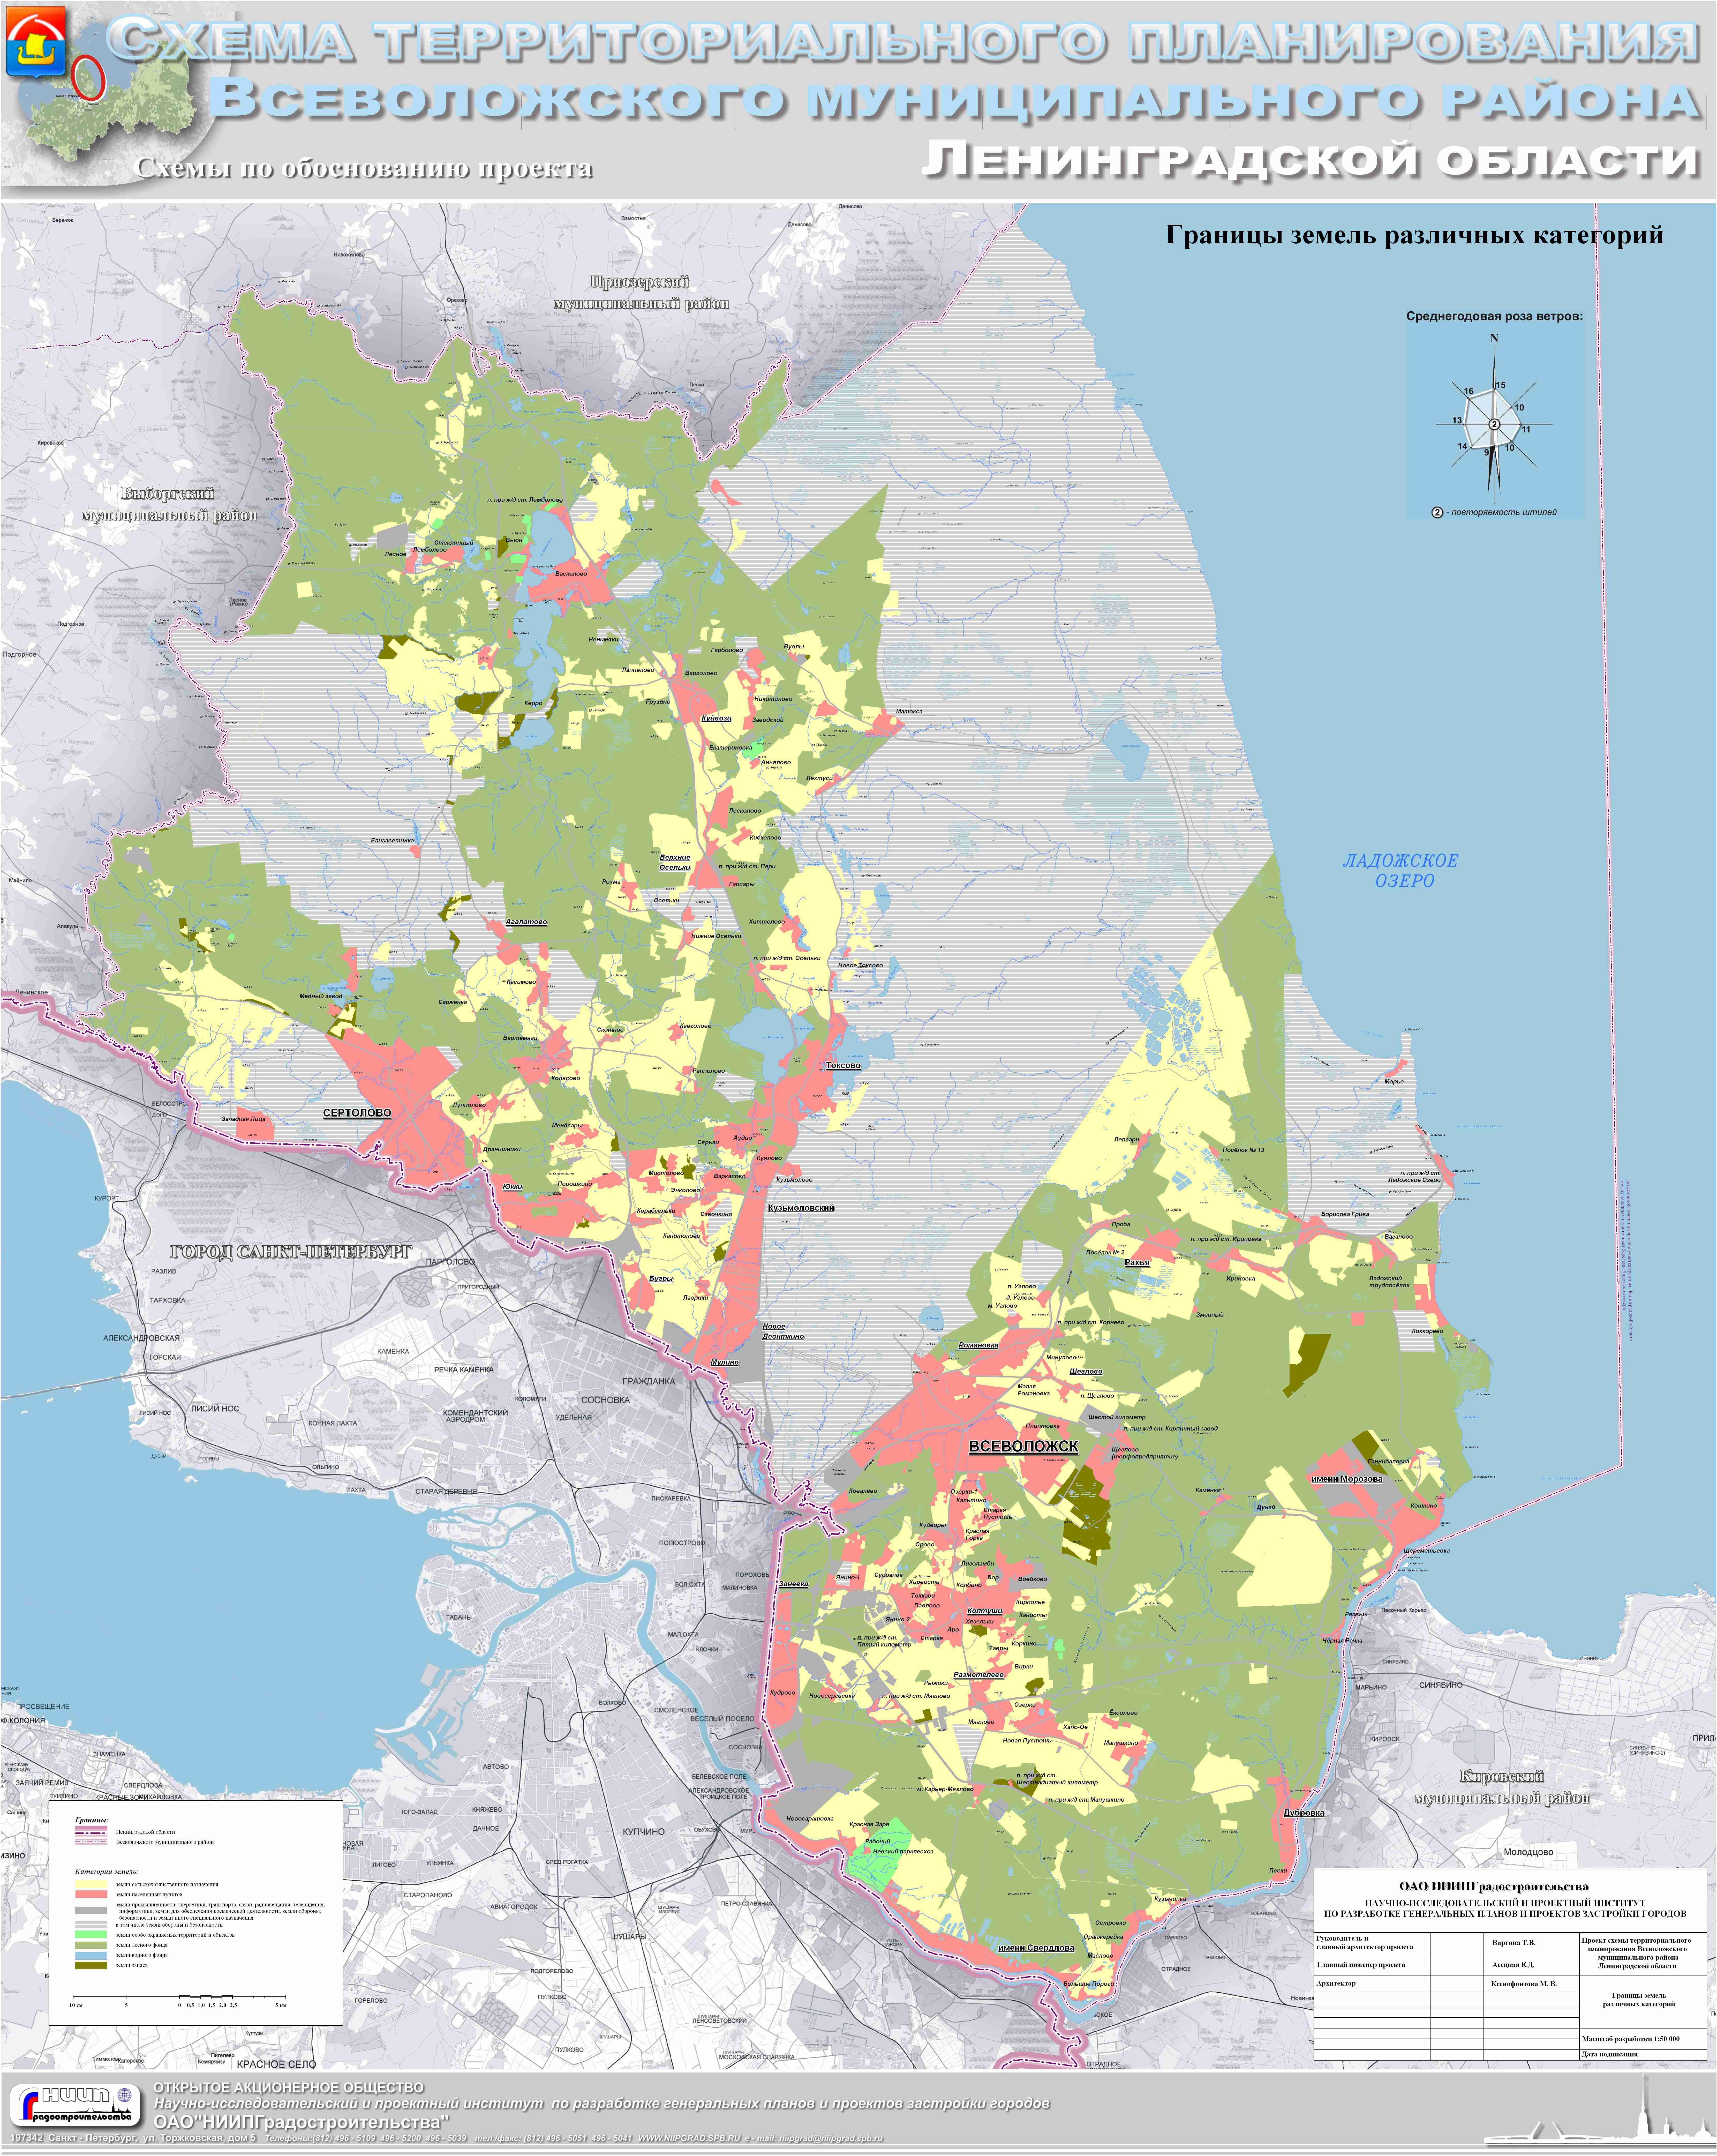 Городской округ: что такое, виды, особенности, полномочия